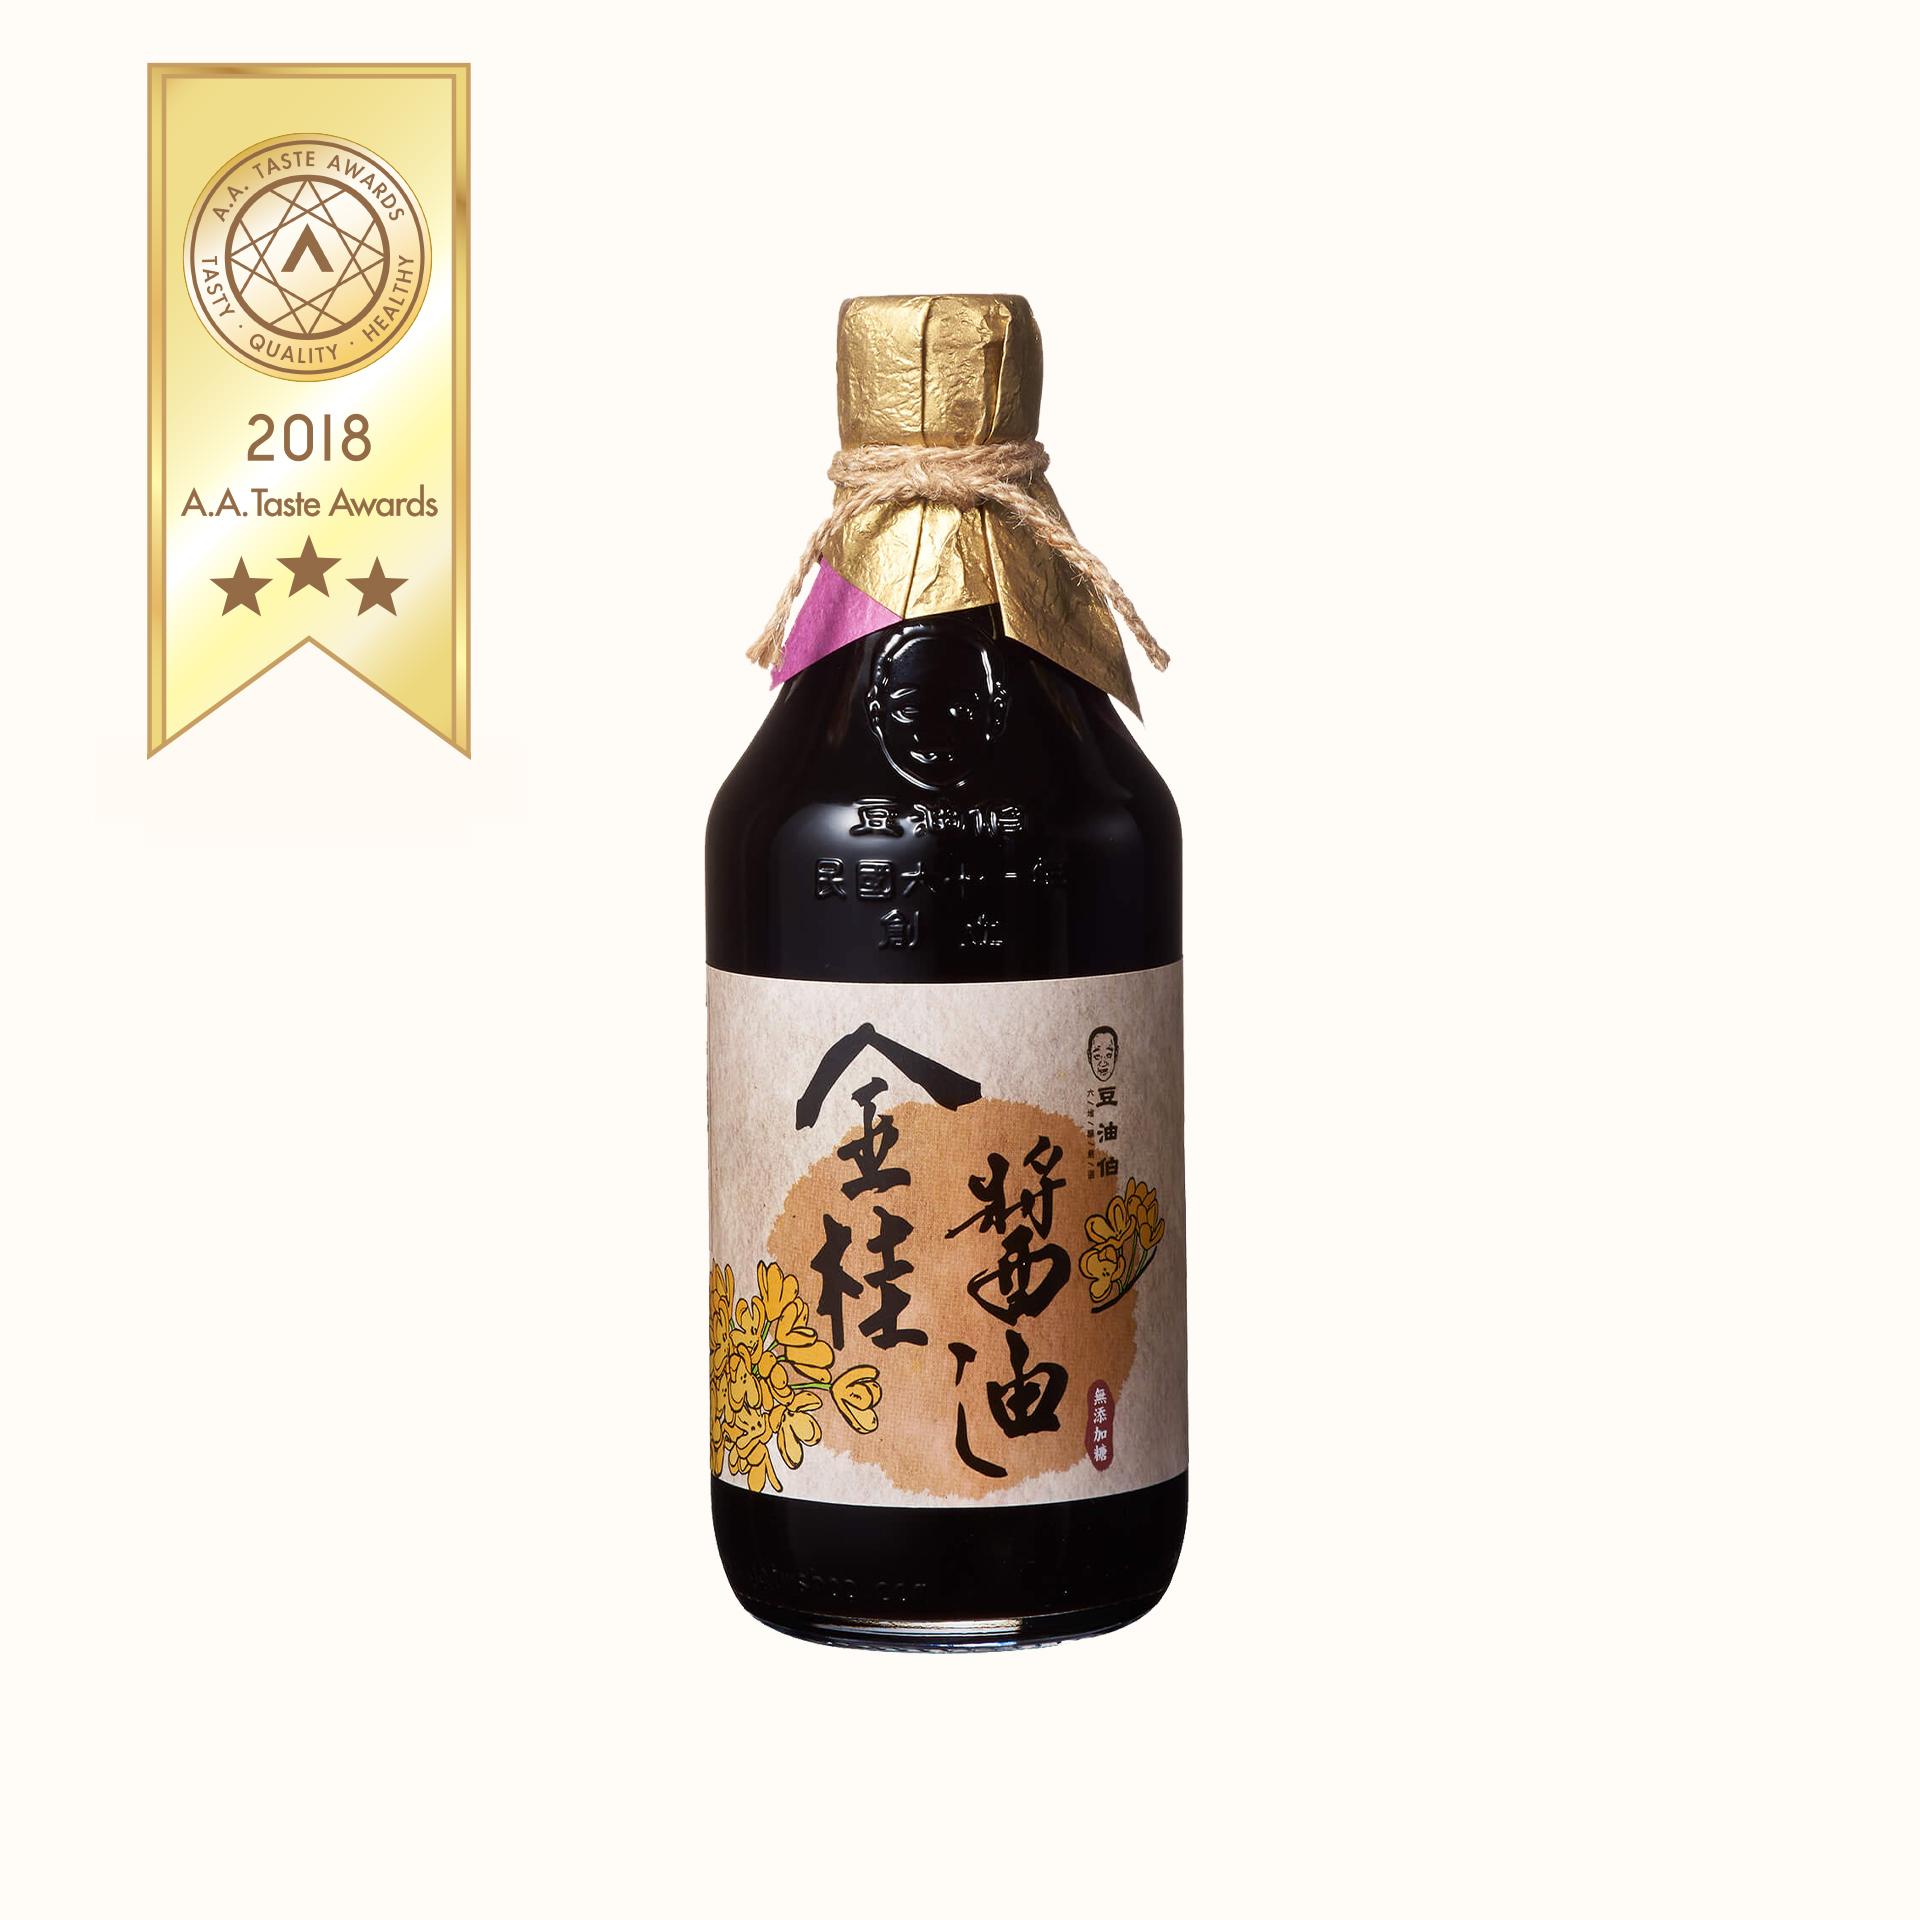 【AA無添加驗證】金桂醬油2入+金美好醬油2入+金美滿醬油2入(共6入)送甘田醬包2盒